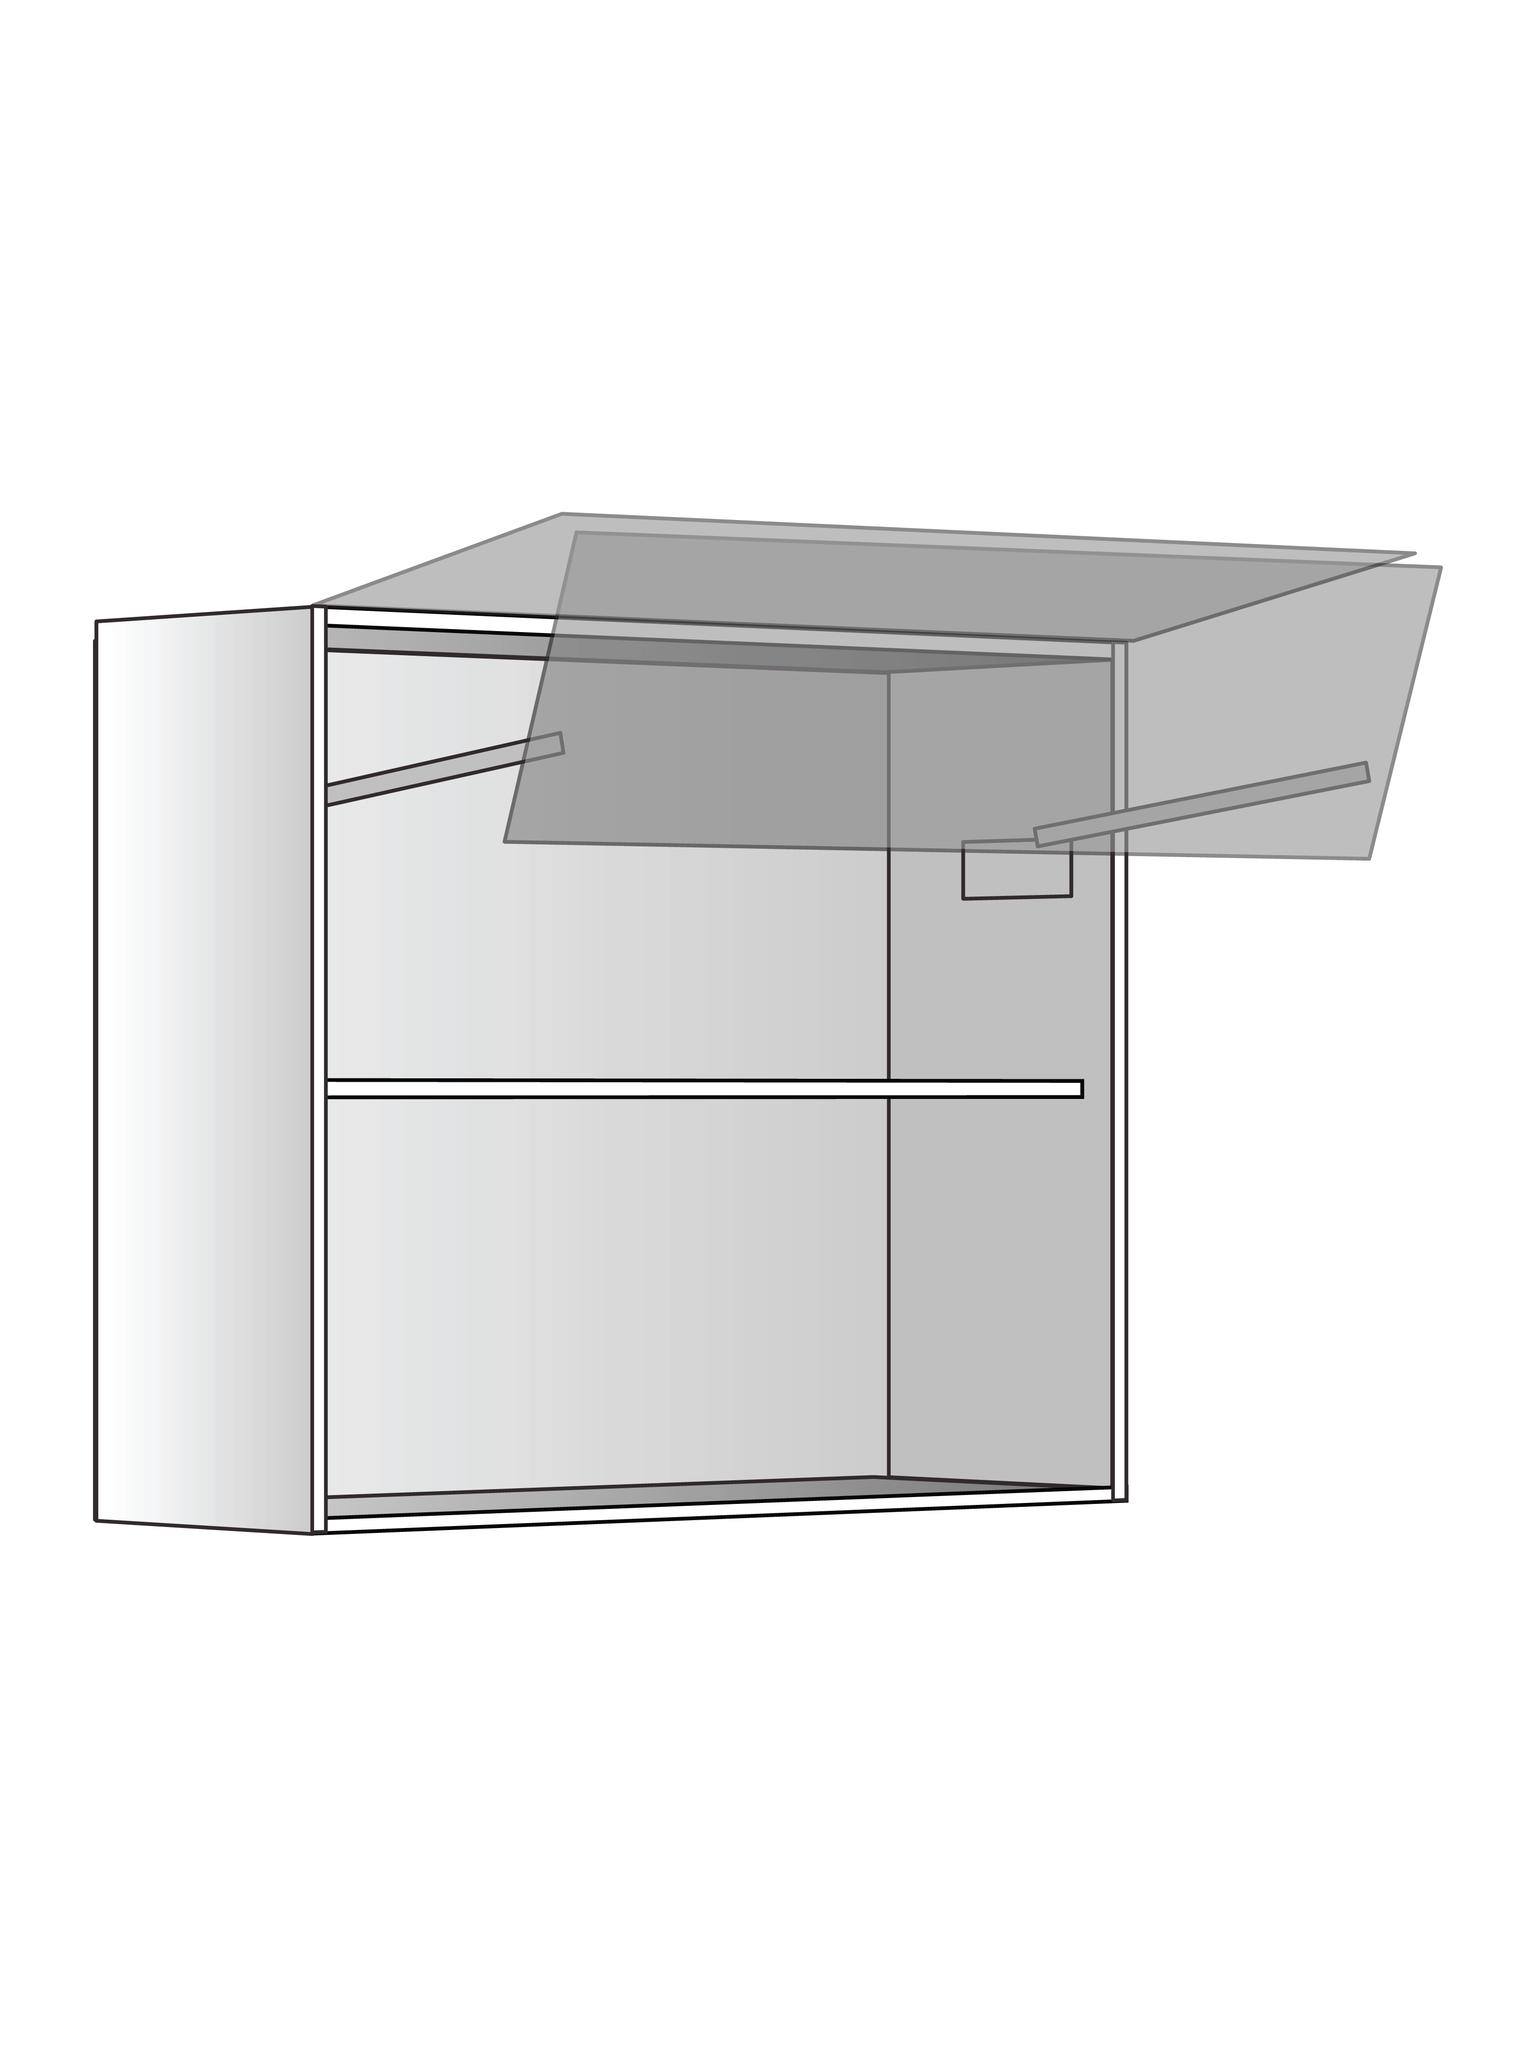 Верхний шкаф c полкой и подъемником, 720Х800 мм